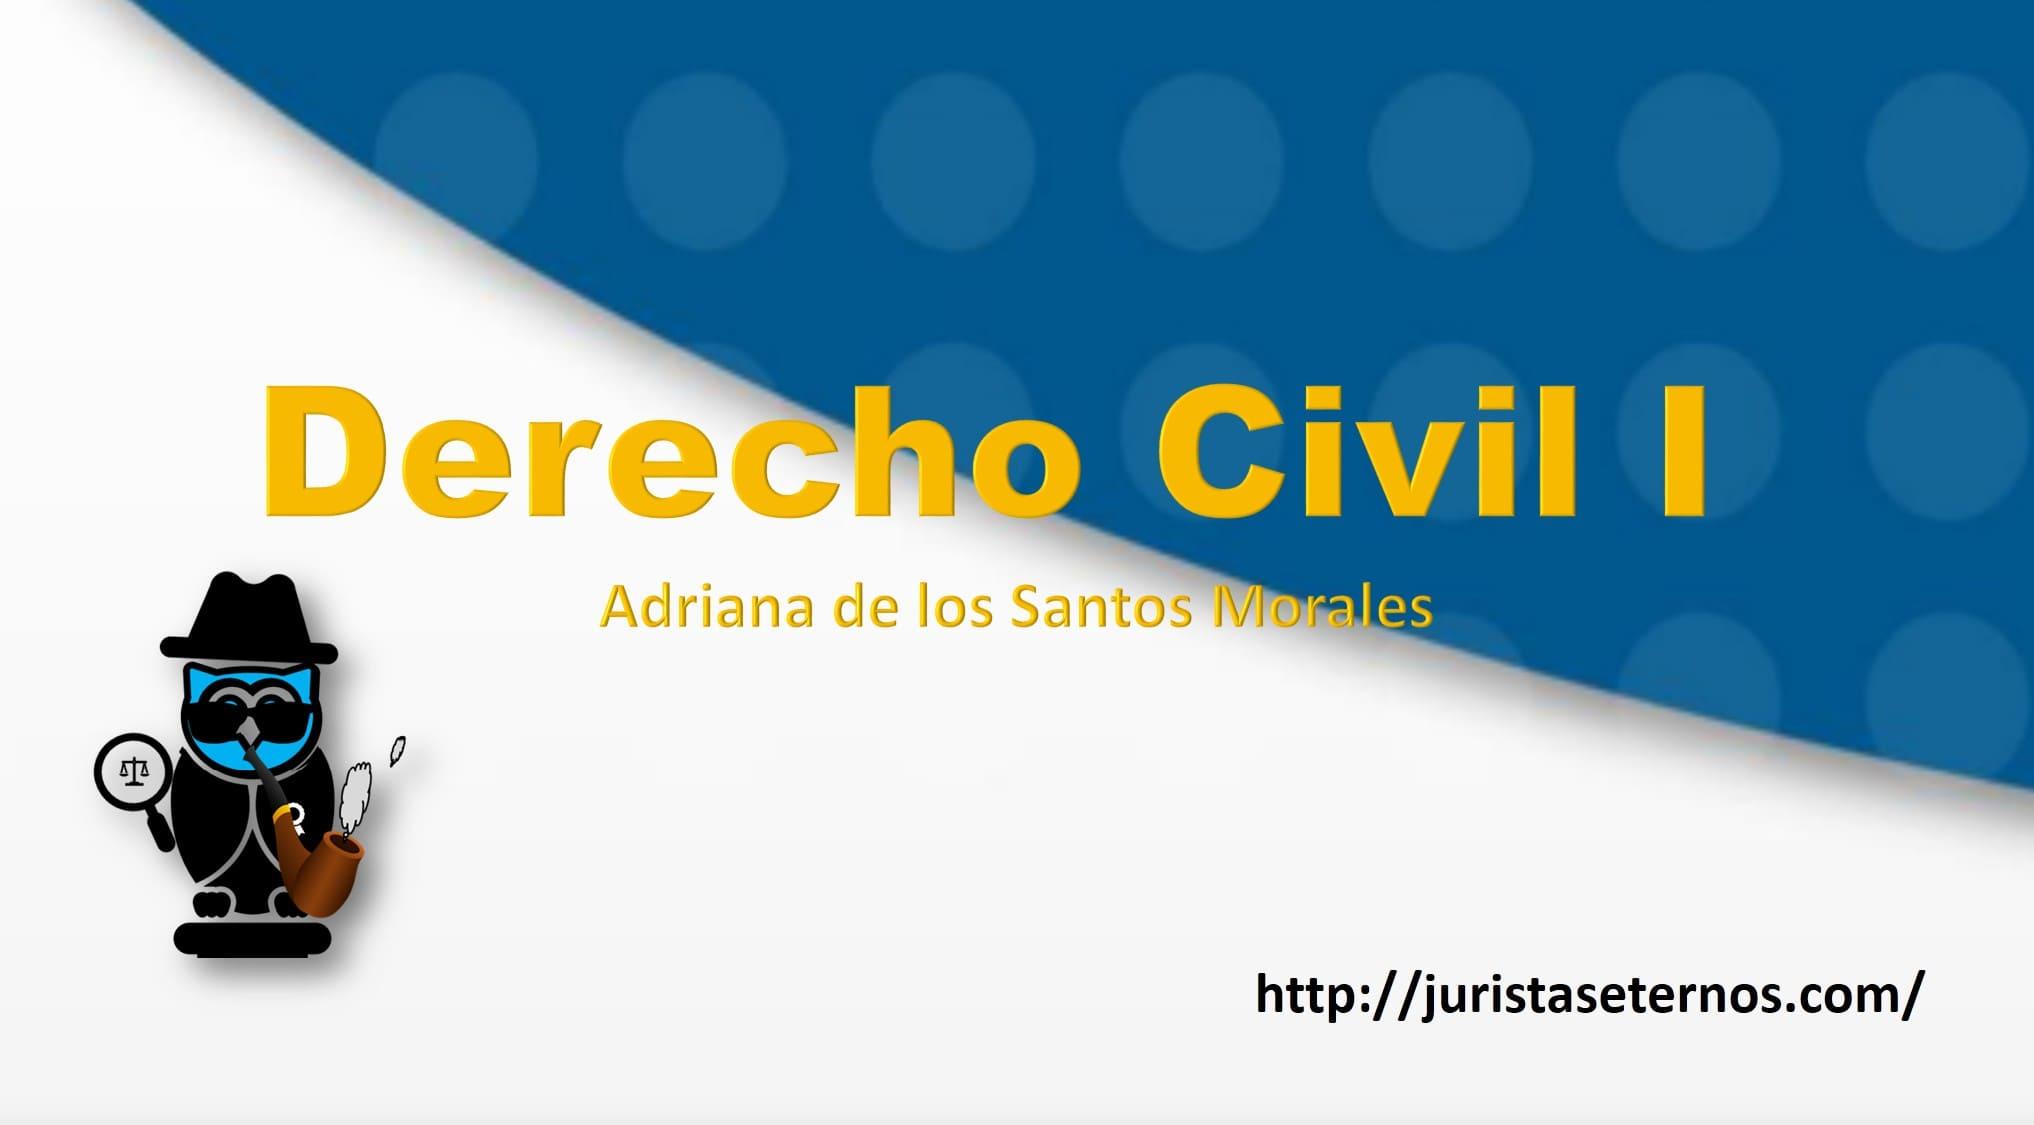 derecho civil 1 adriana de los santos morales pdf